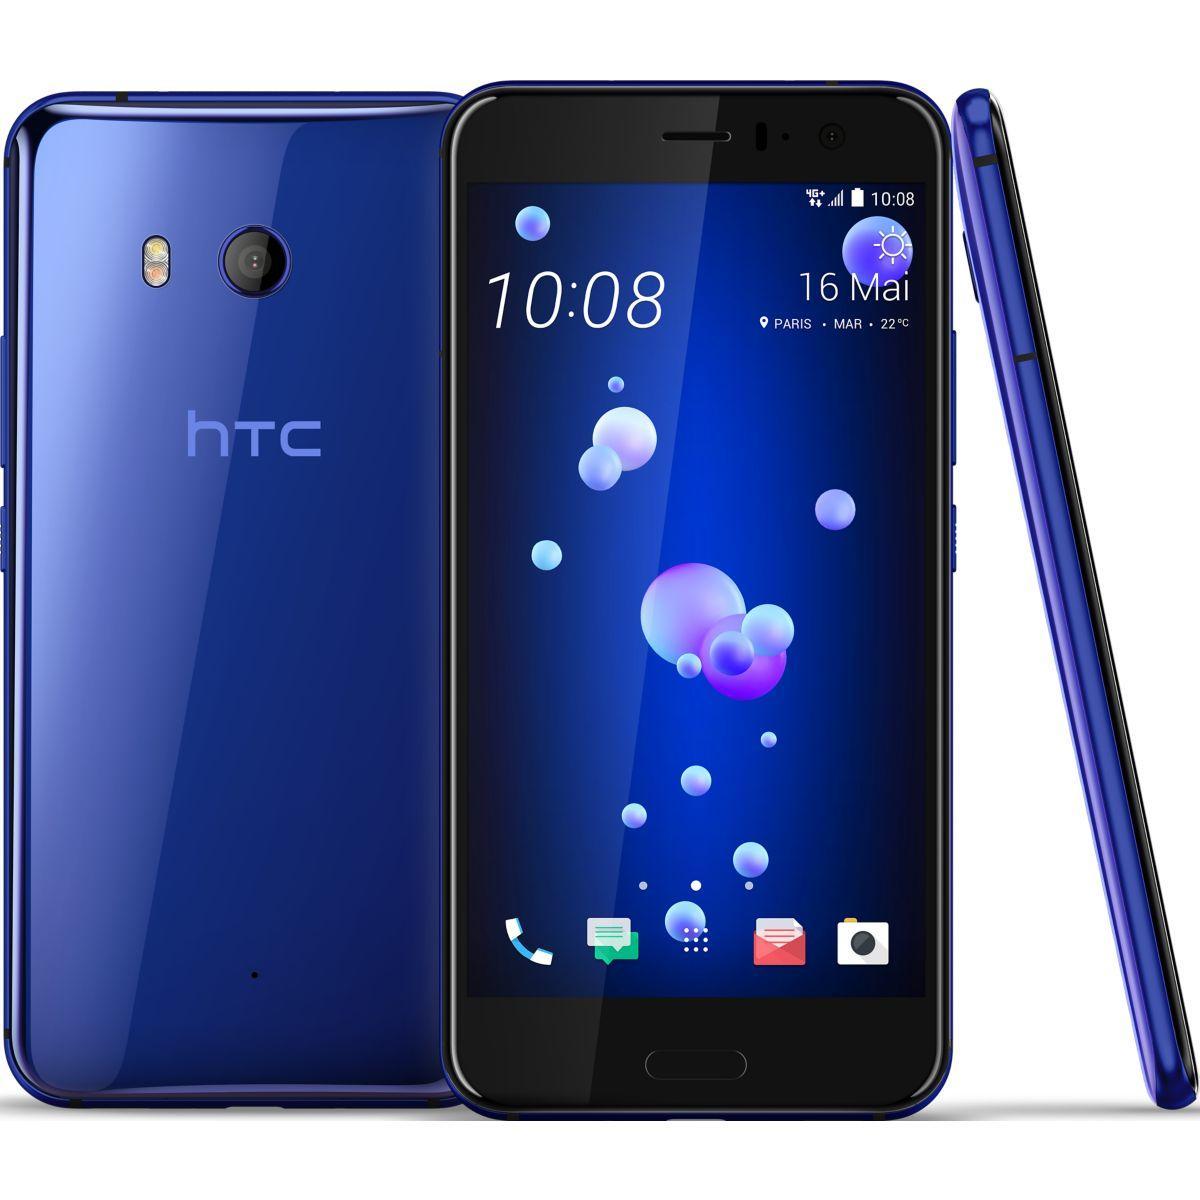 Smartphone htc u11 bleu 64 go